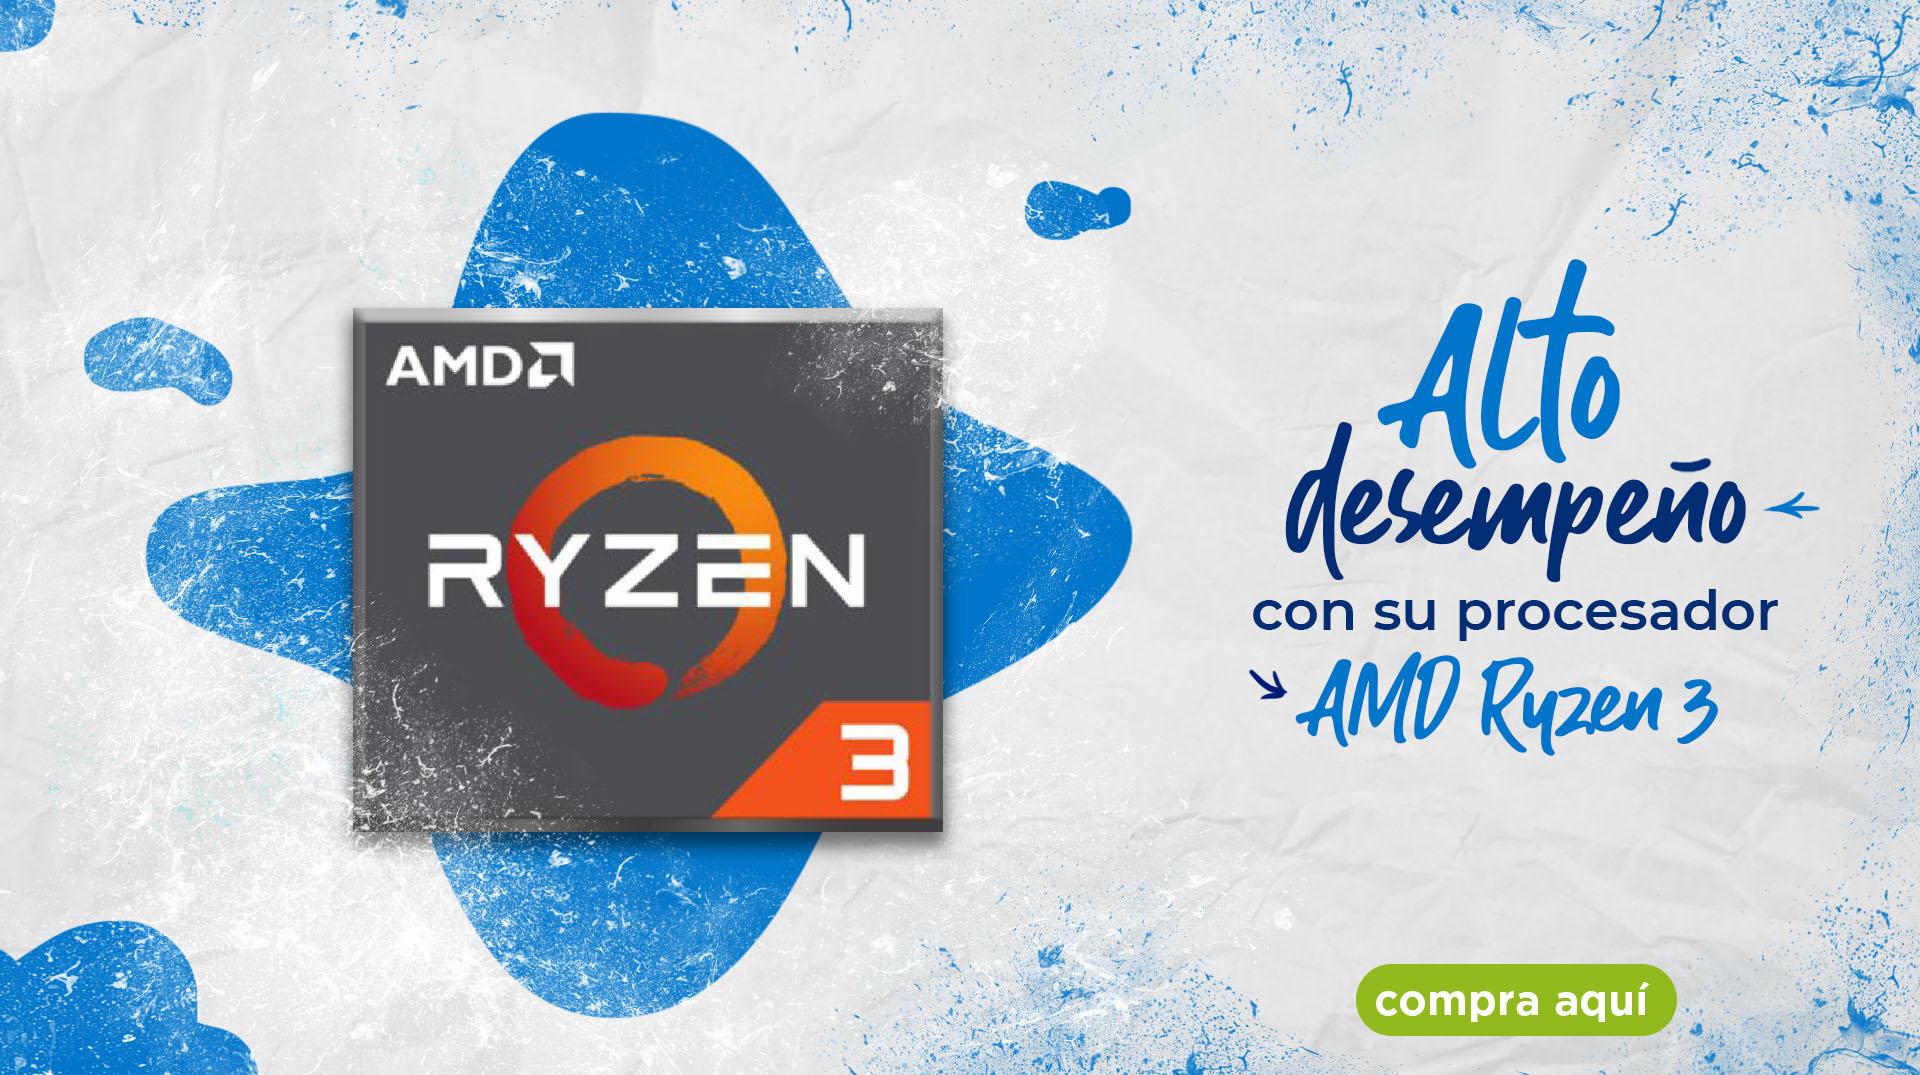 alto desempeño en su procesador AMD